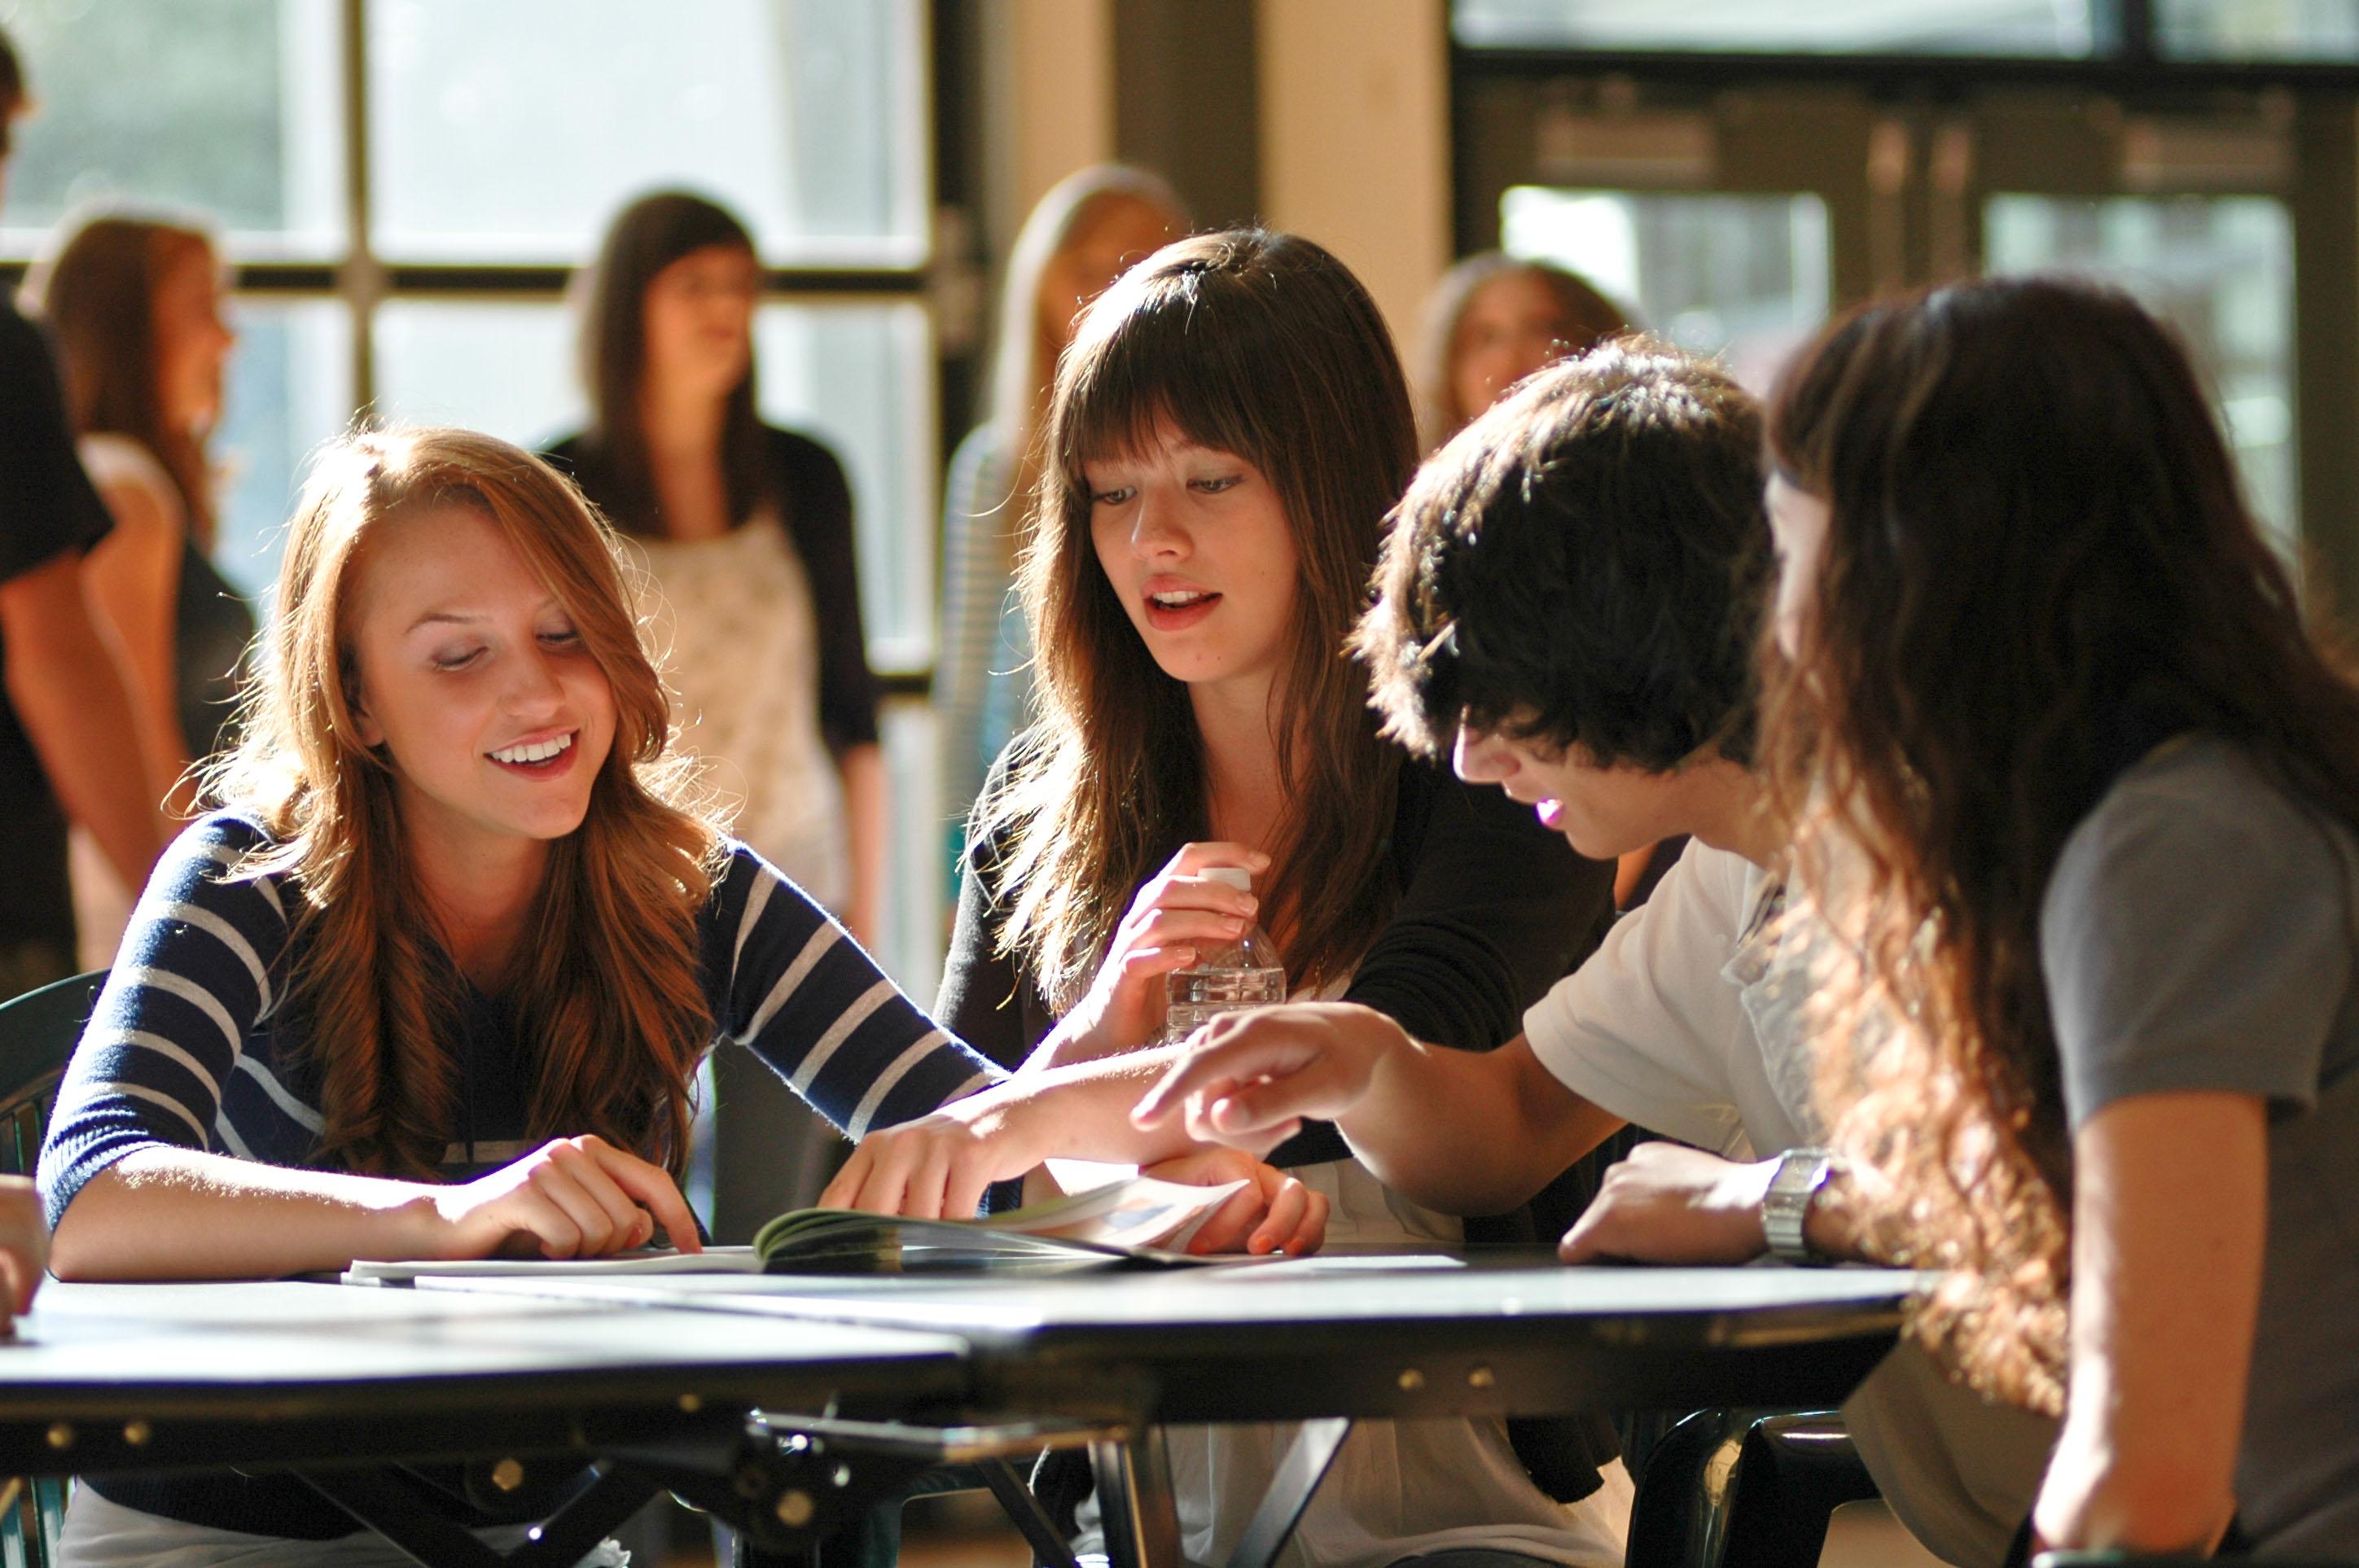 受験戦争のないカナダの公教育とは?-個性・才能を伸ばし、不登校者も軽減!競争よりも共存を教える教育